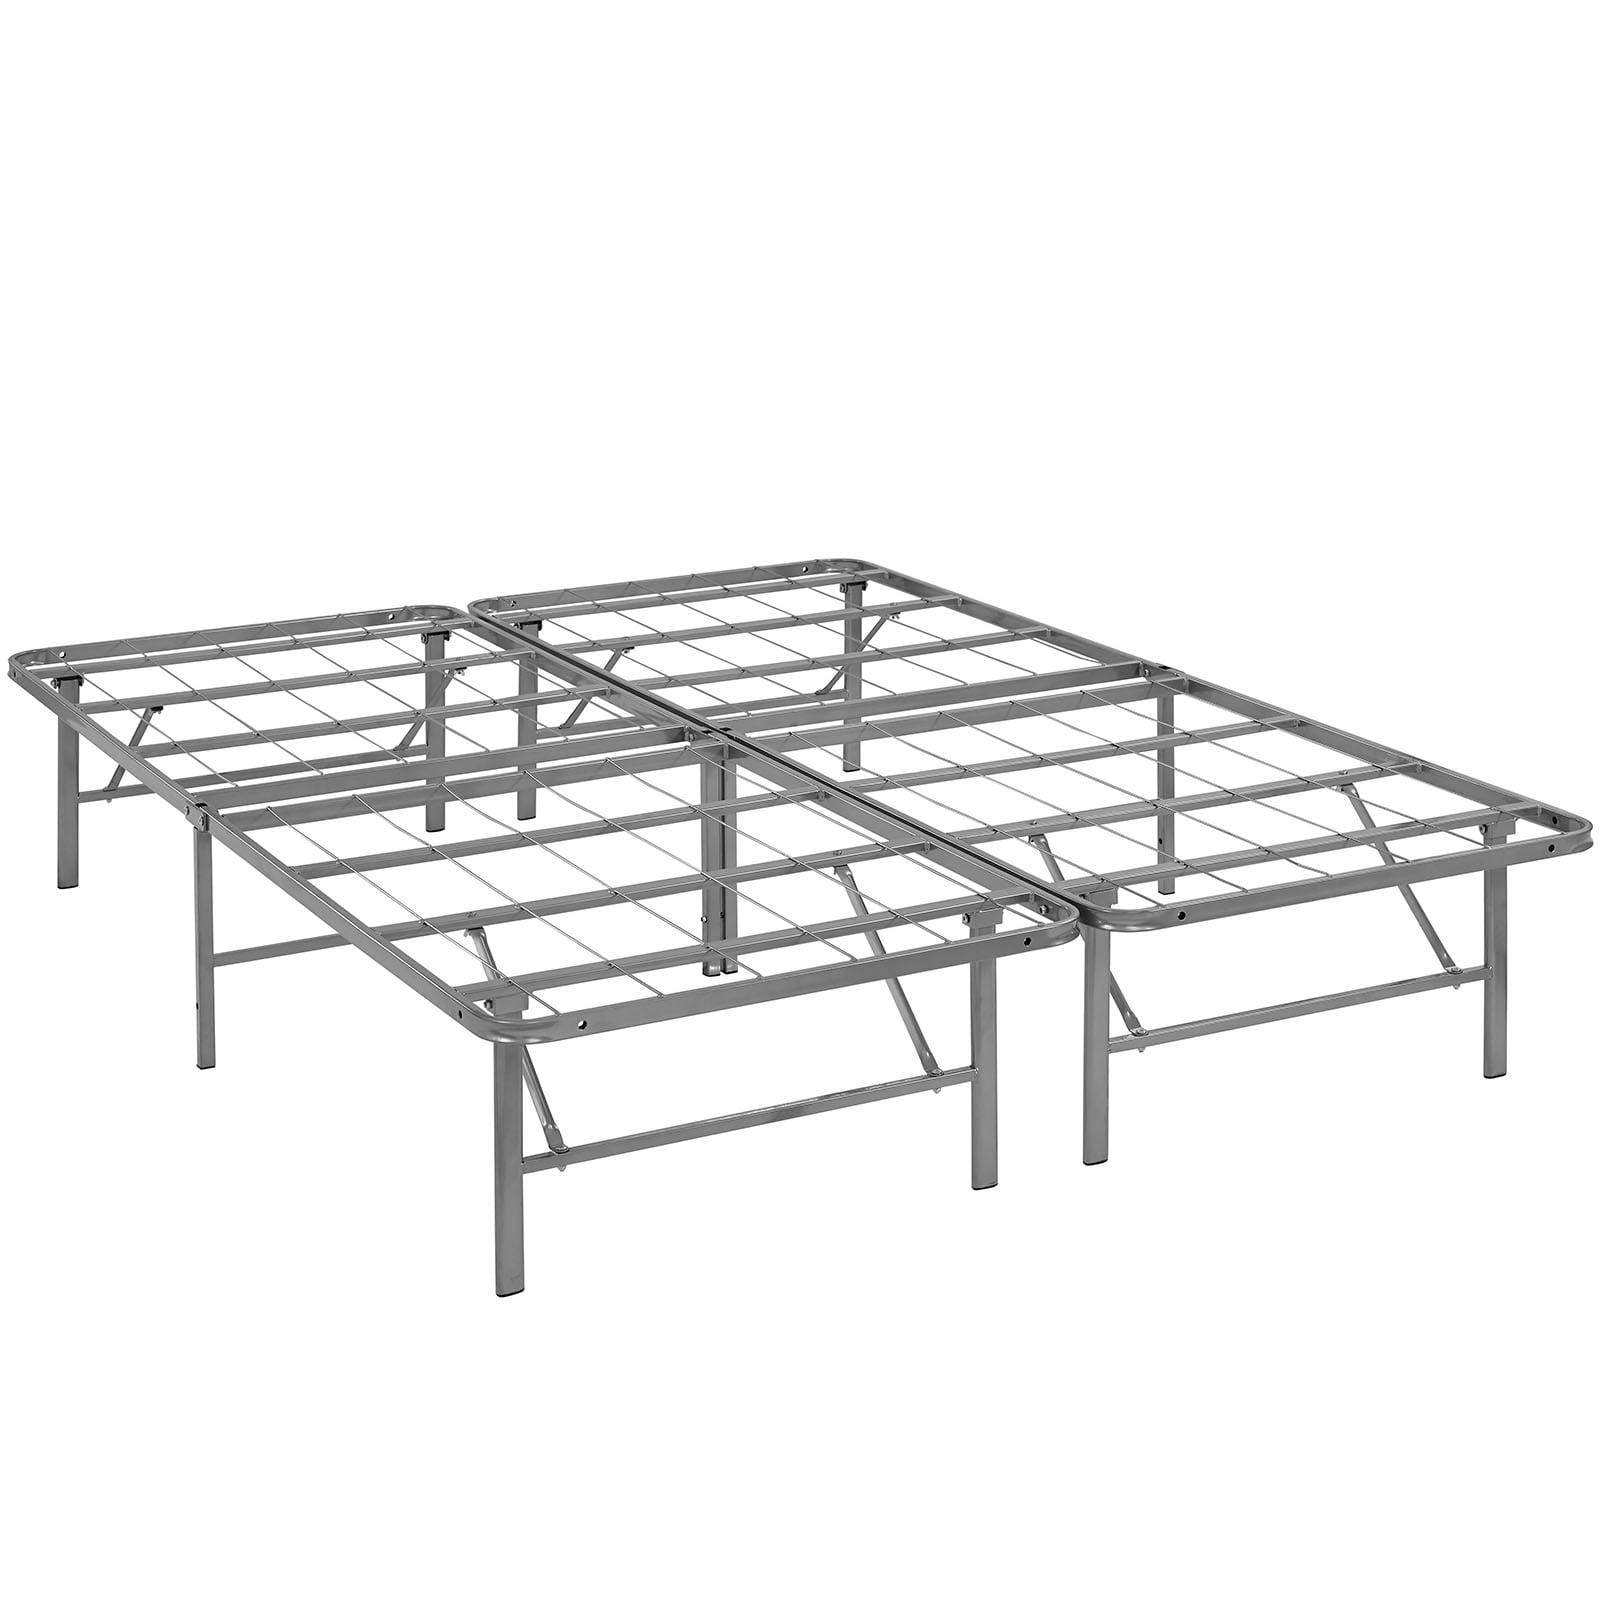 Modern Contemporary Urban Design Bedroom Full Size Platform Bed Frame, Silver, Metal Steel